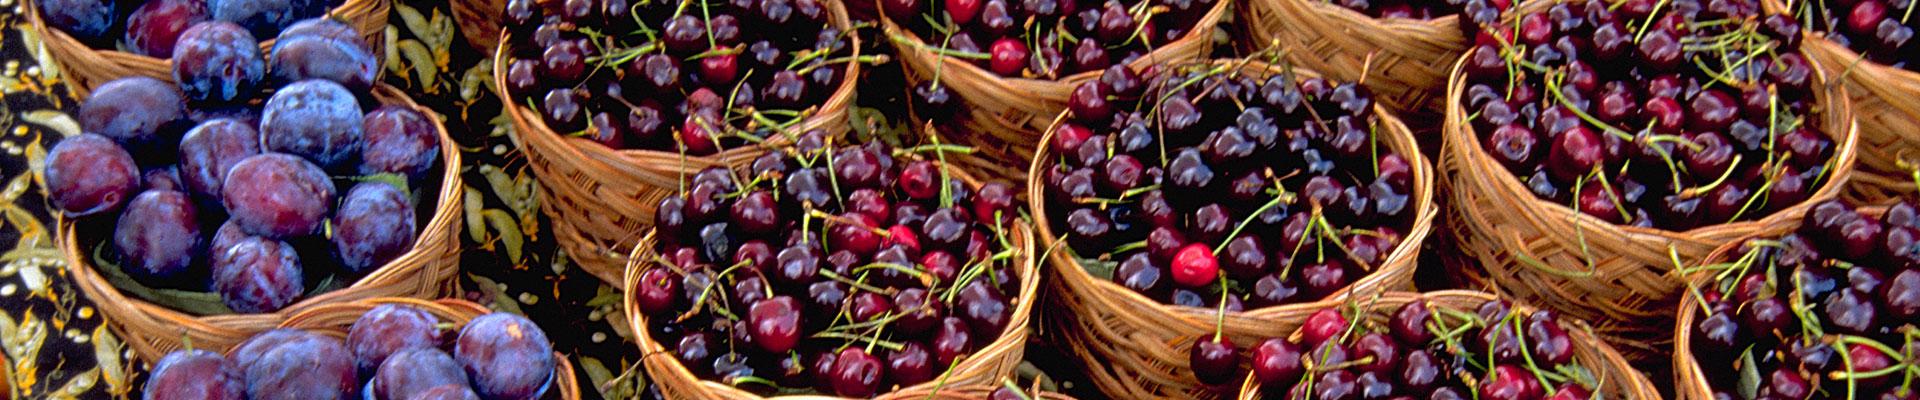 Photo-Plums-Cherries-Ontario.jpg